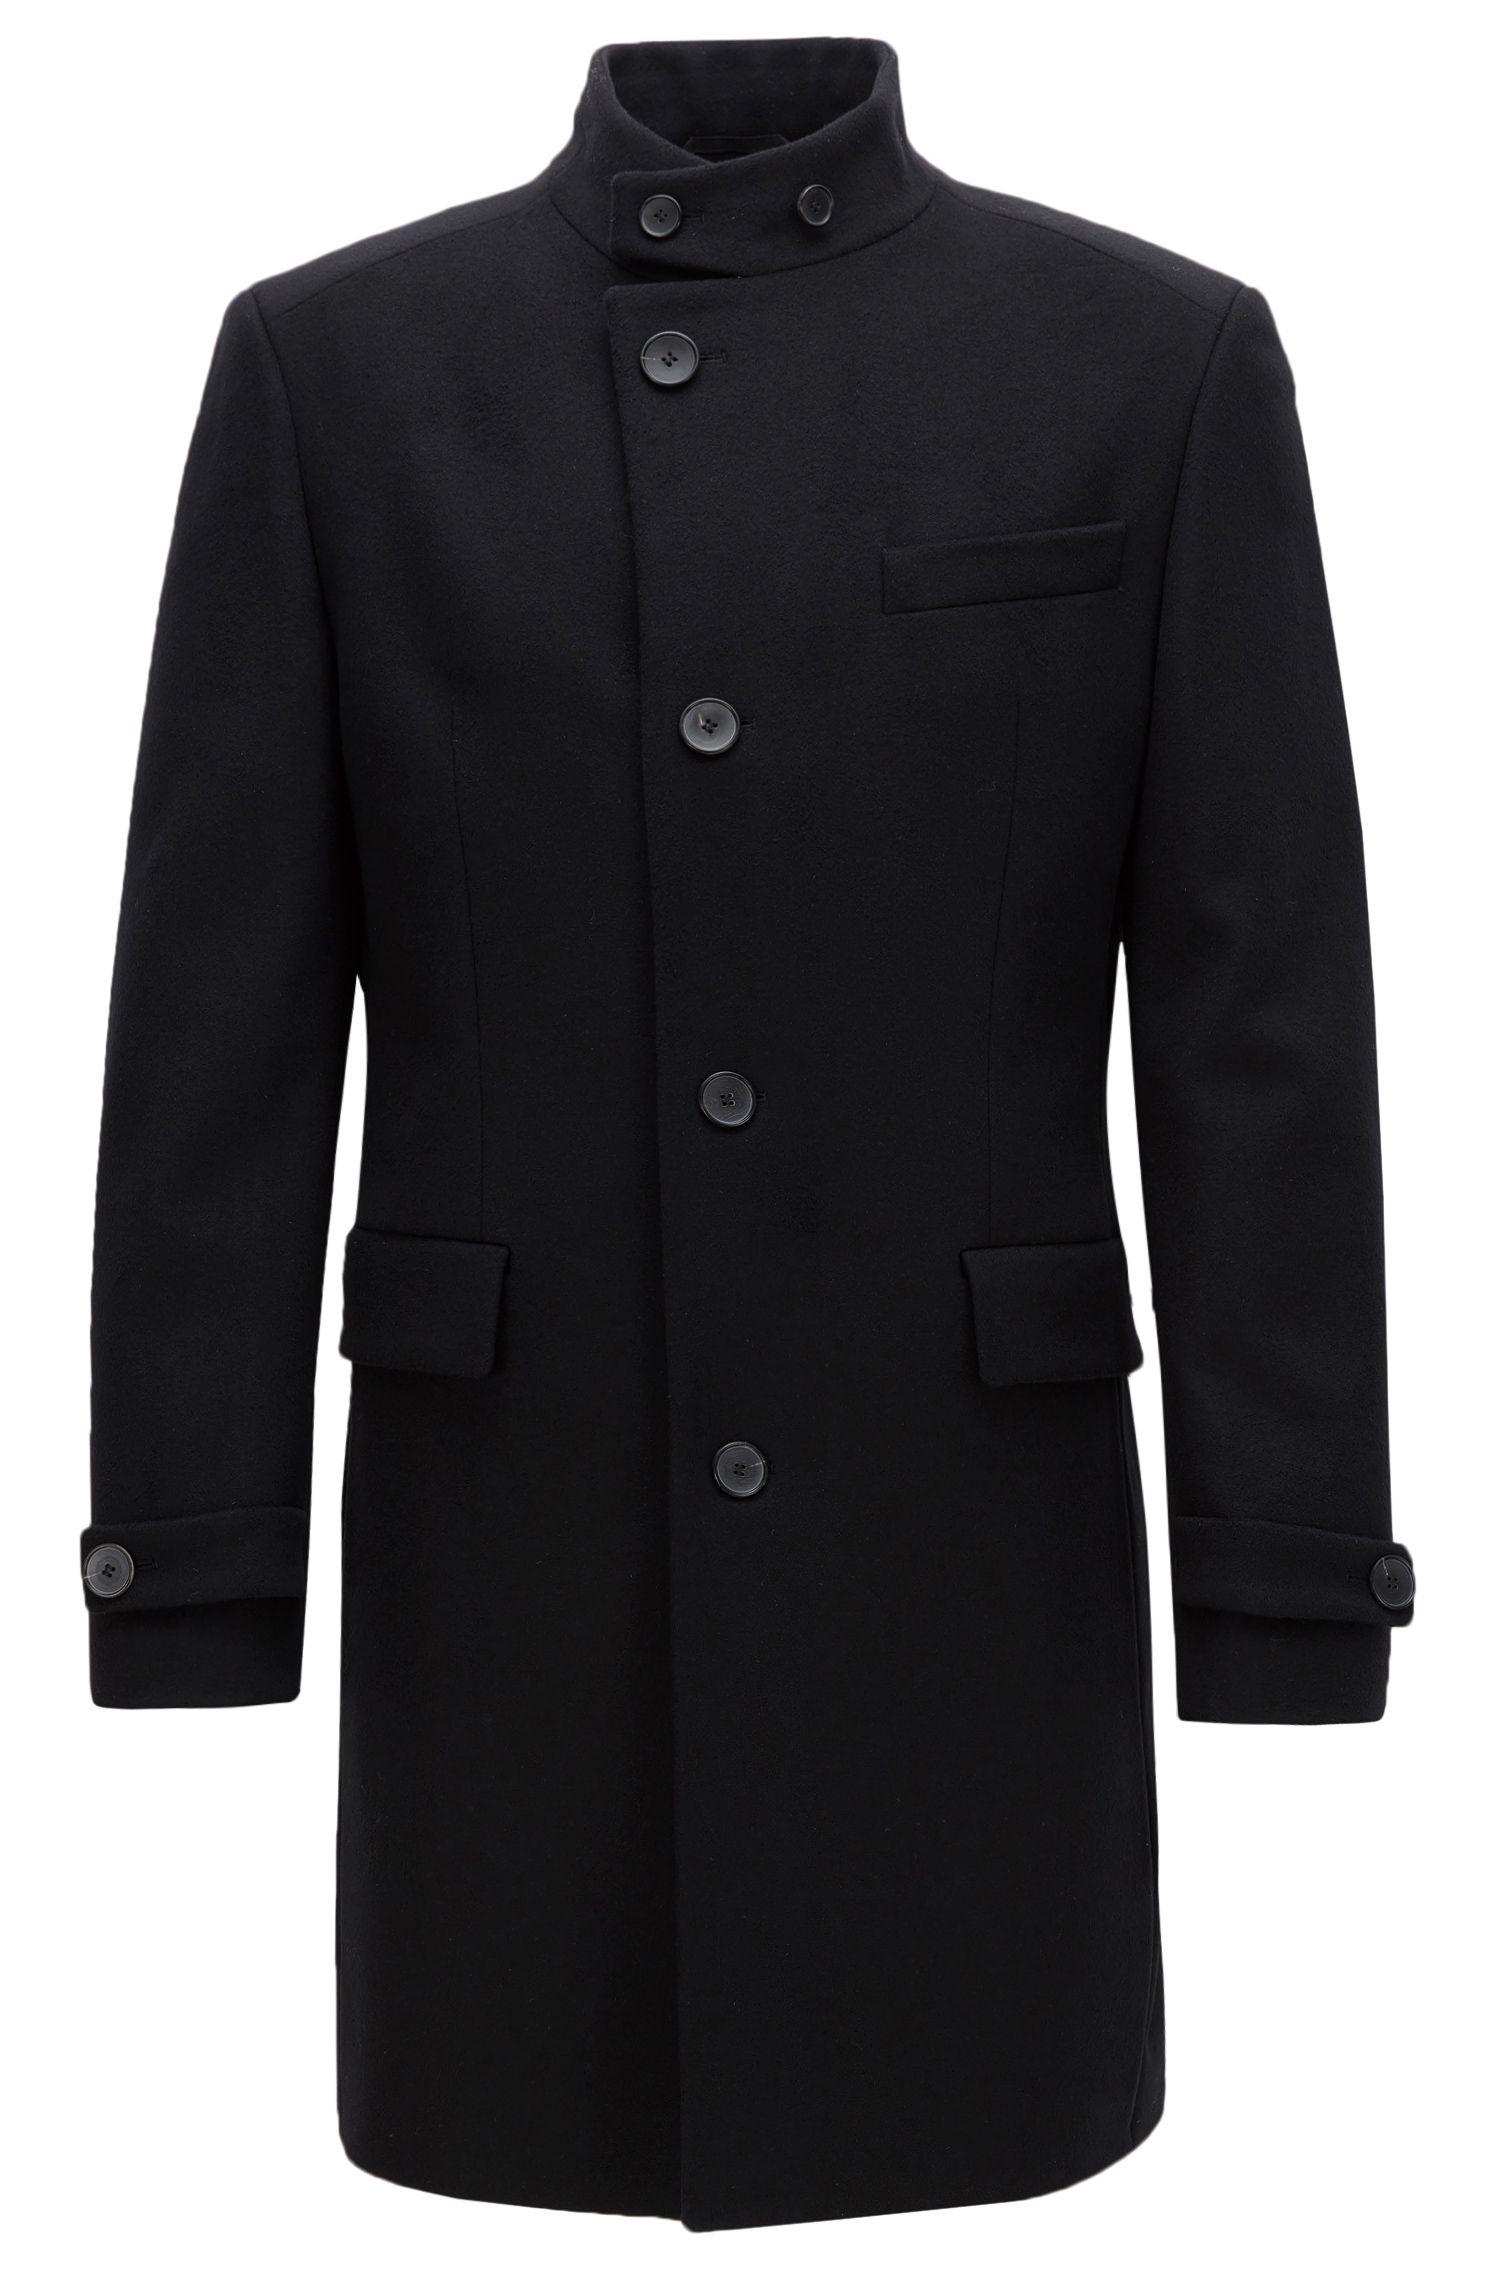 Cappotto regular fit in misto lana con colletto rialzato